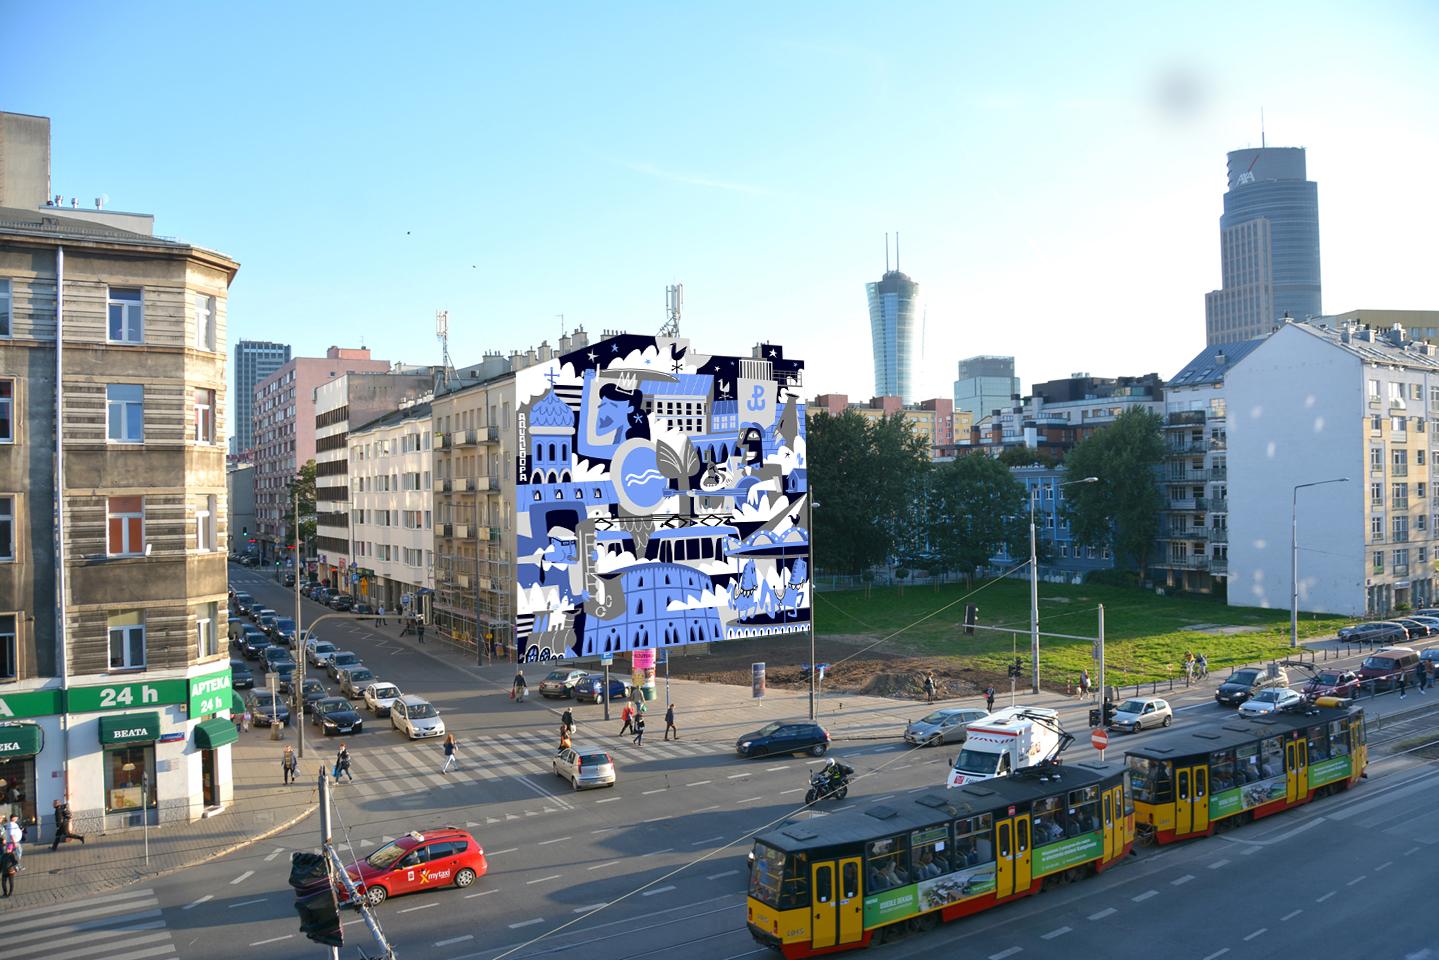 Żelazna_Mural_Aqualoop